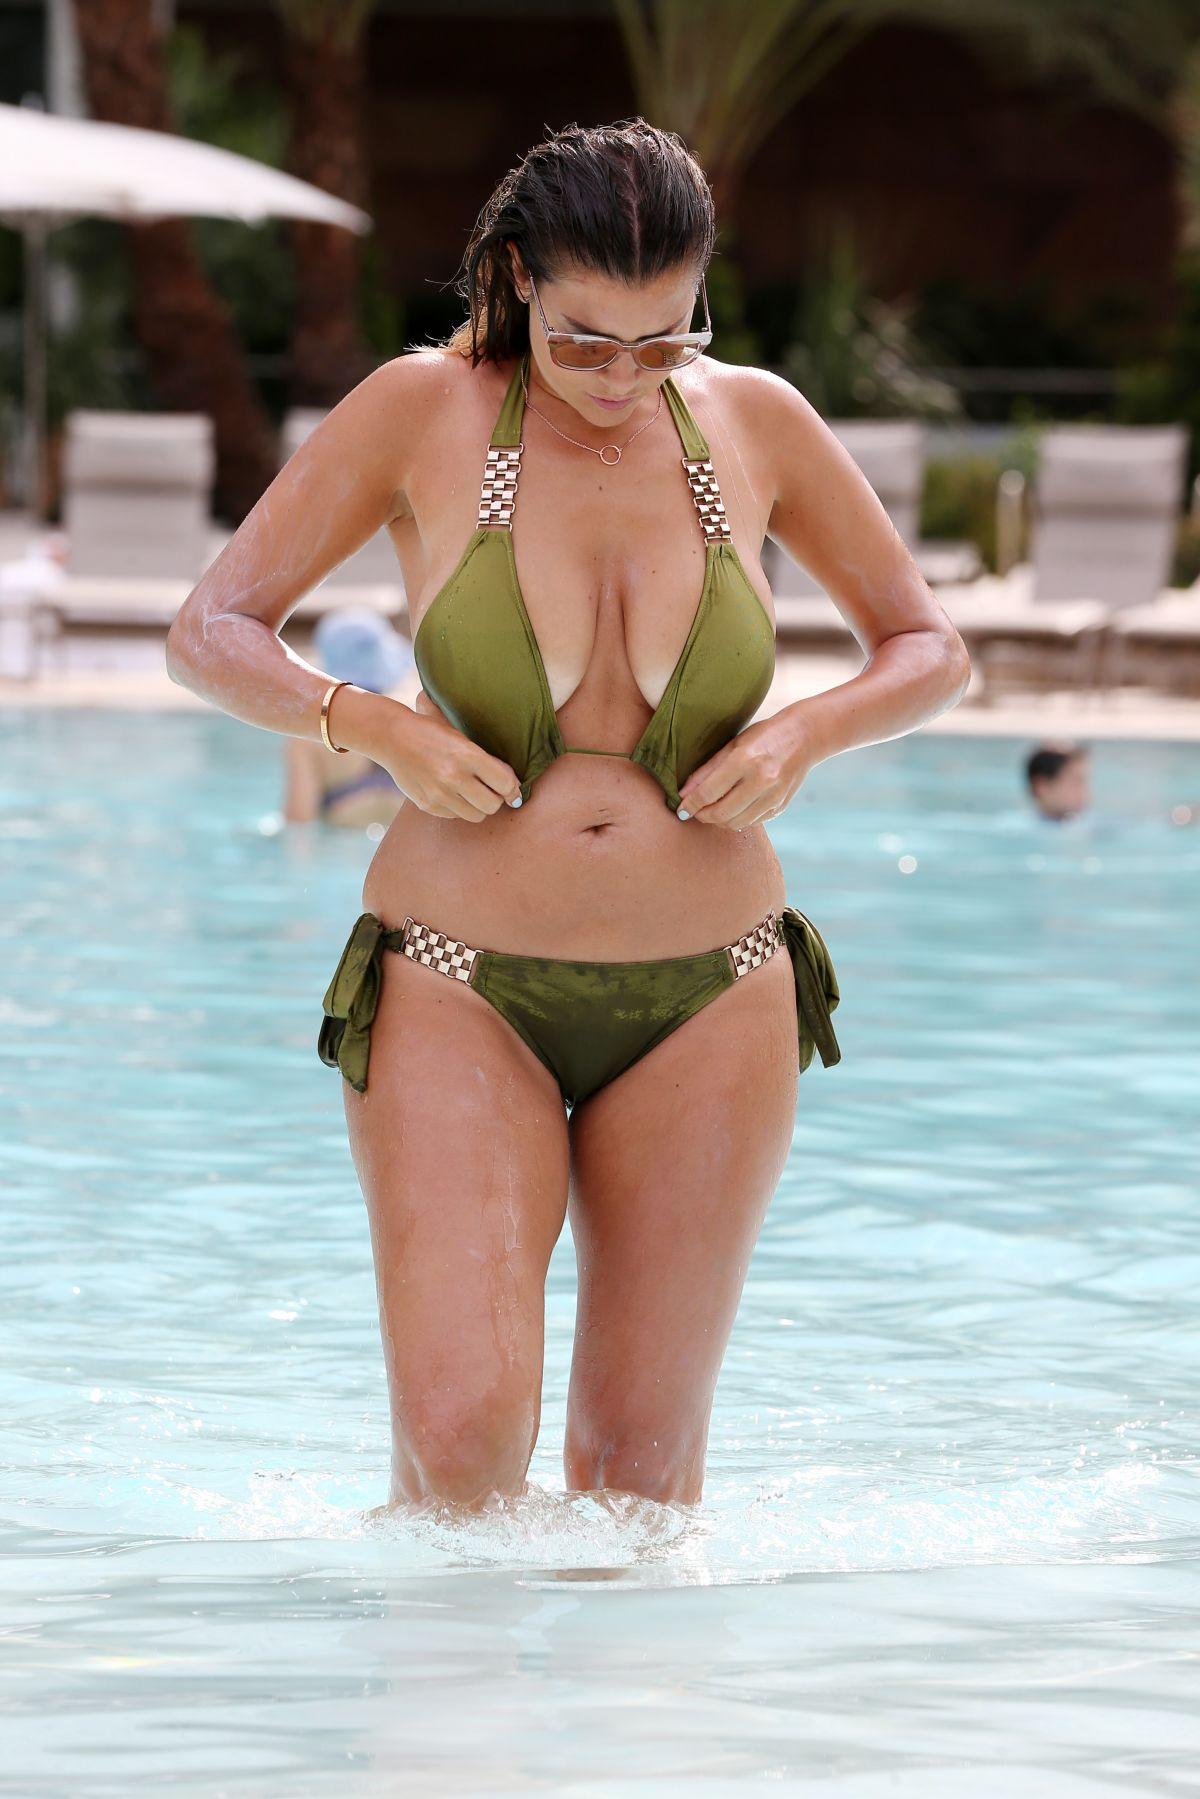 Imogen Thomas In Bikini At A Pool In Las Vegas 08 30 2016